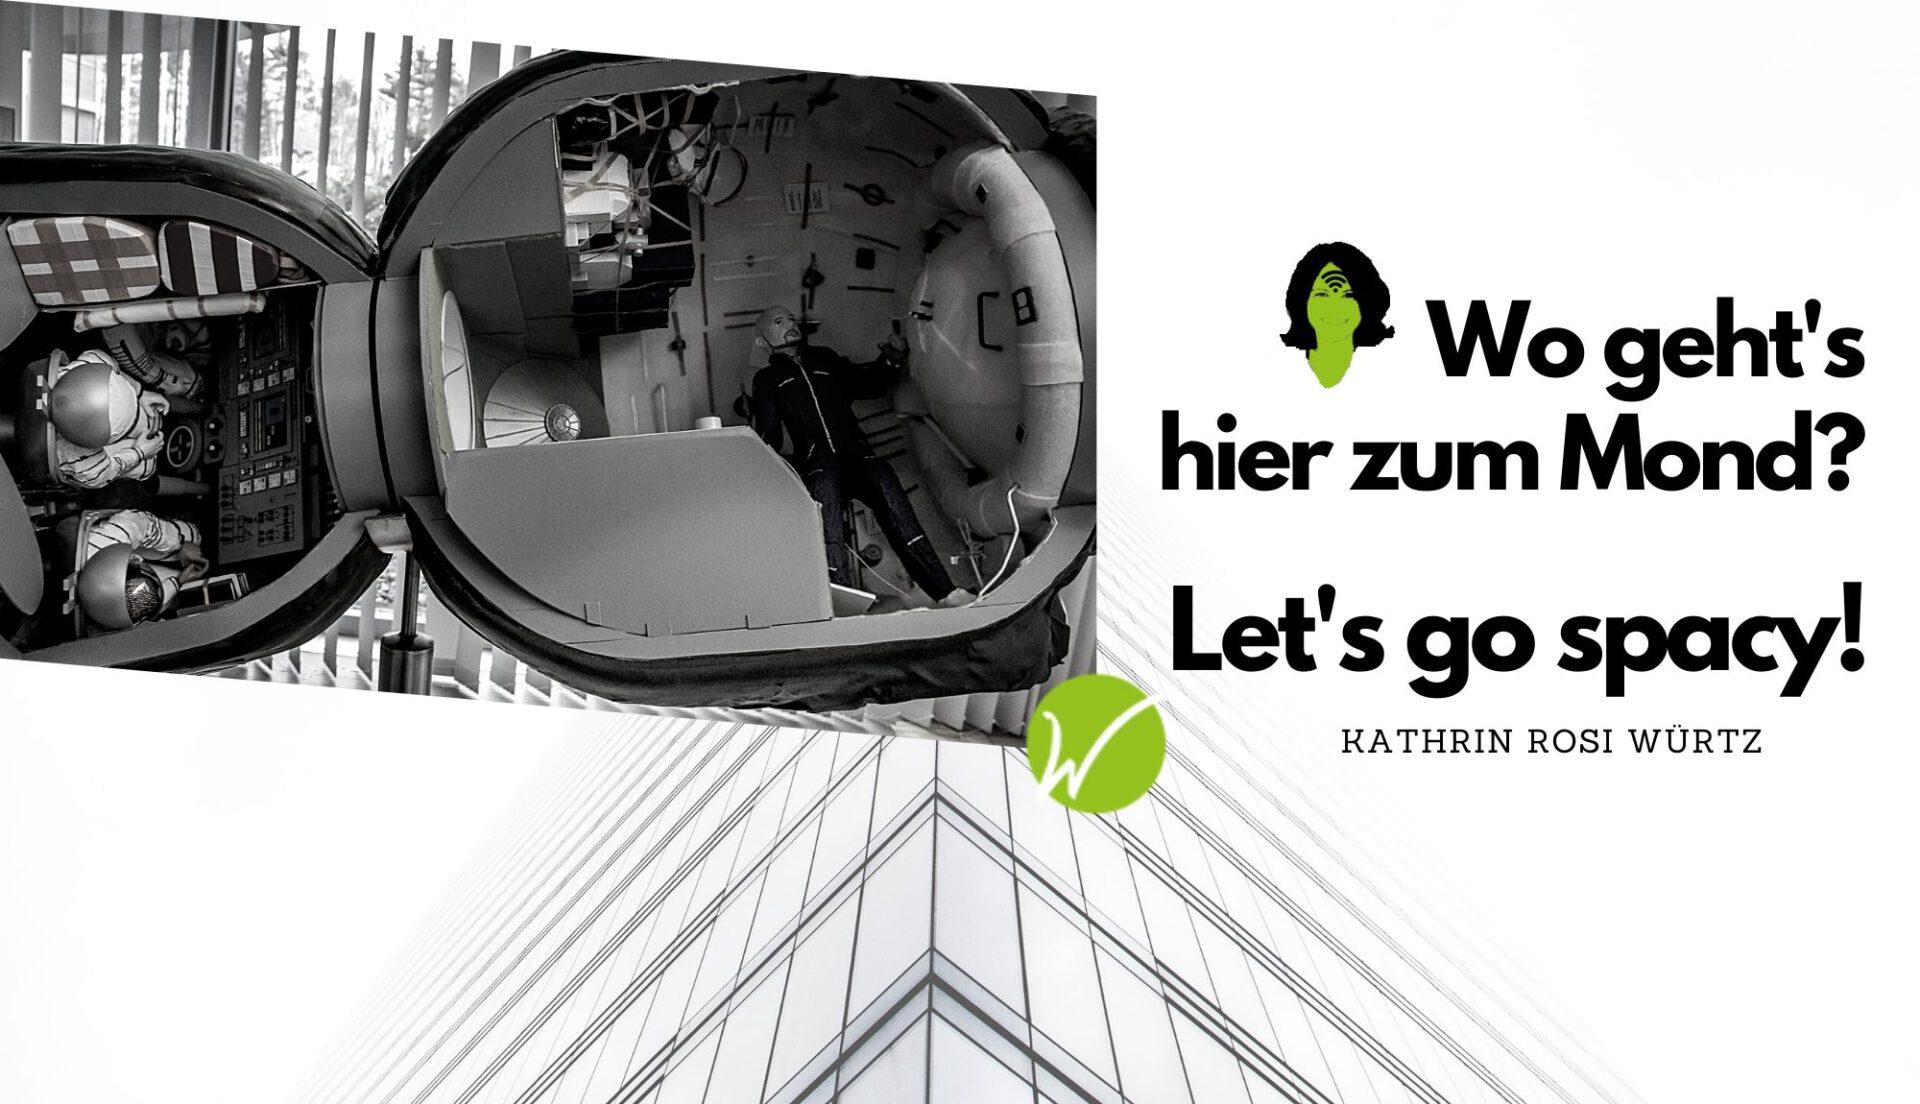 Headerbild rosiwuertz.com Space und Raumfahrt